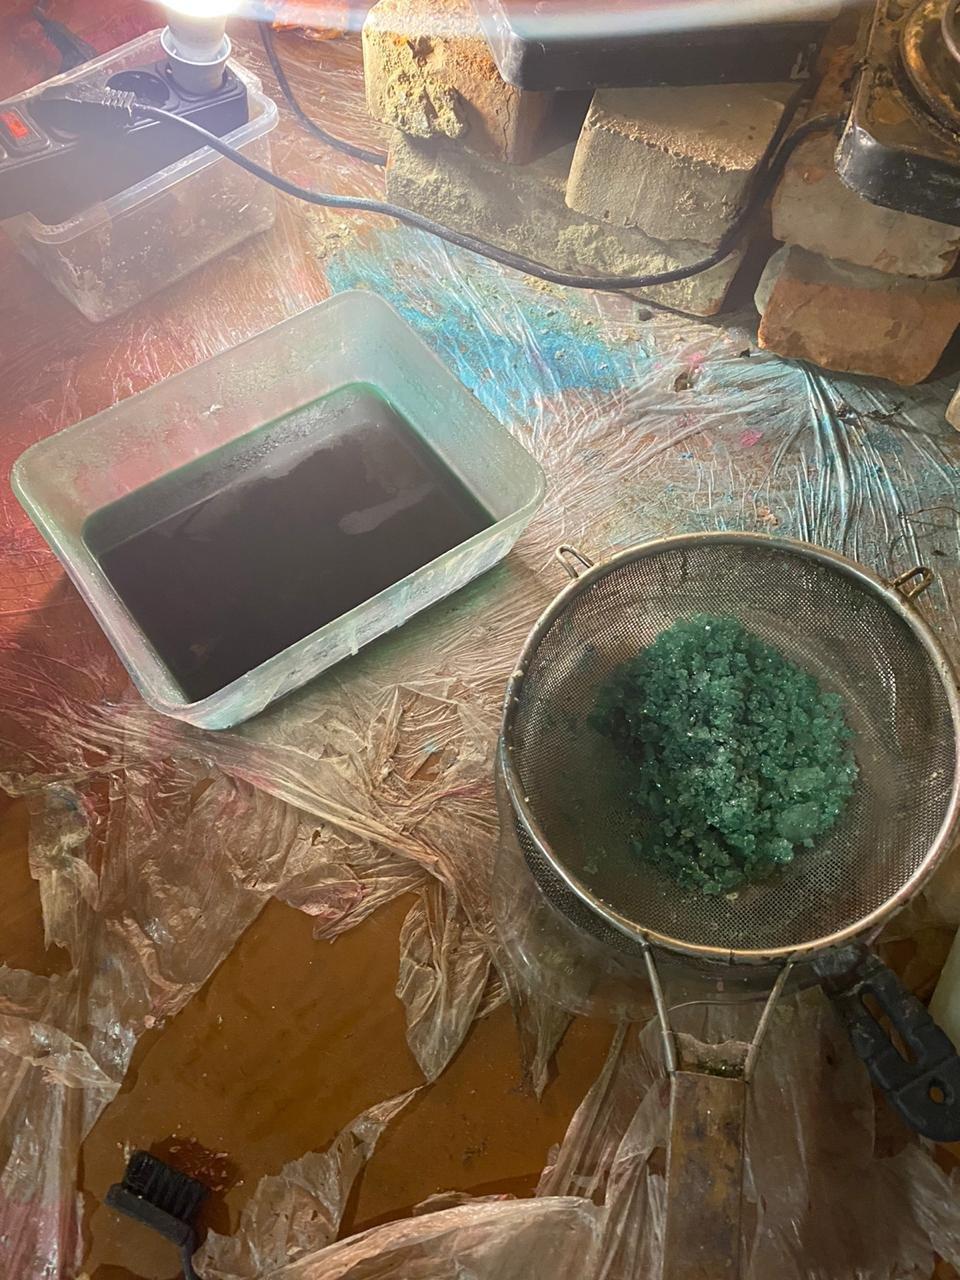 На Харьковщине двое местных жителей в доме готовили наркотики и хранили полтора килограмма «психотропов», - ФОТО  , фото-5